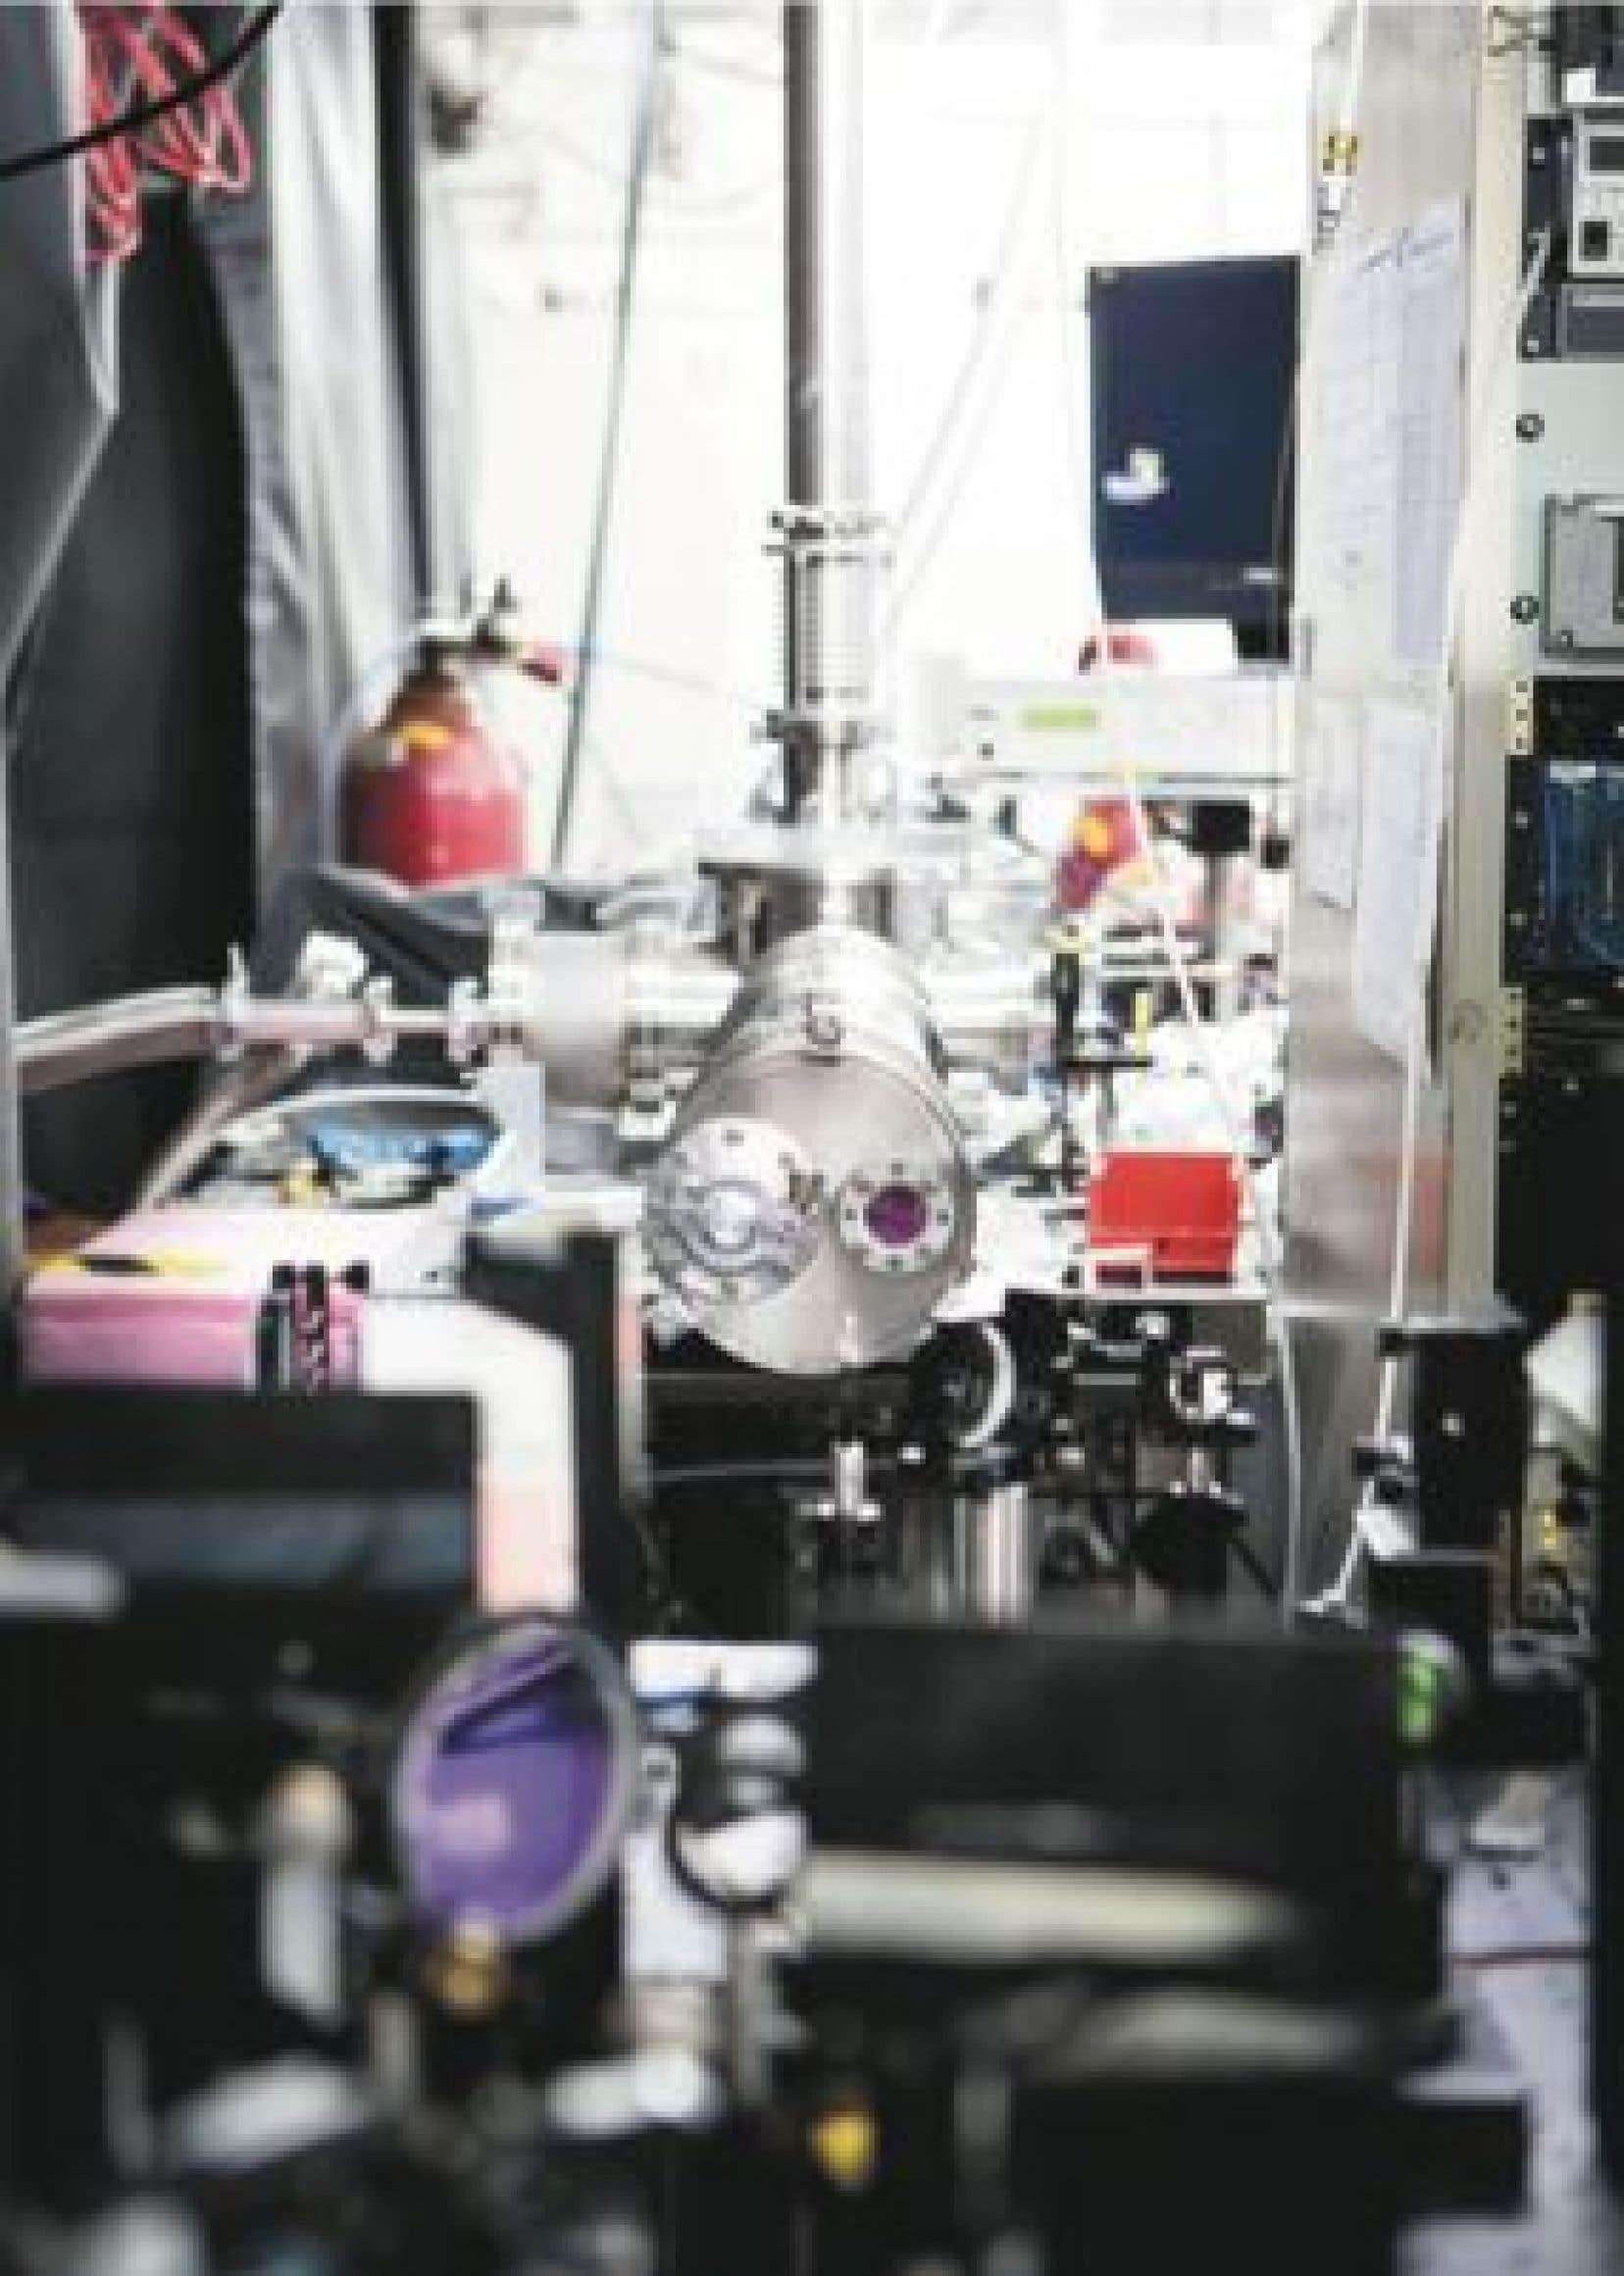 Dans le Laboratoire de sources femtosecondes, les chercheurs peuvent utiliser plusieurs sources lasers pour sonder la dynamique de la matière vivante et inerte.